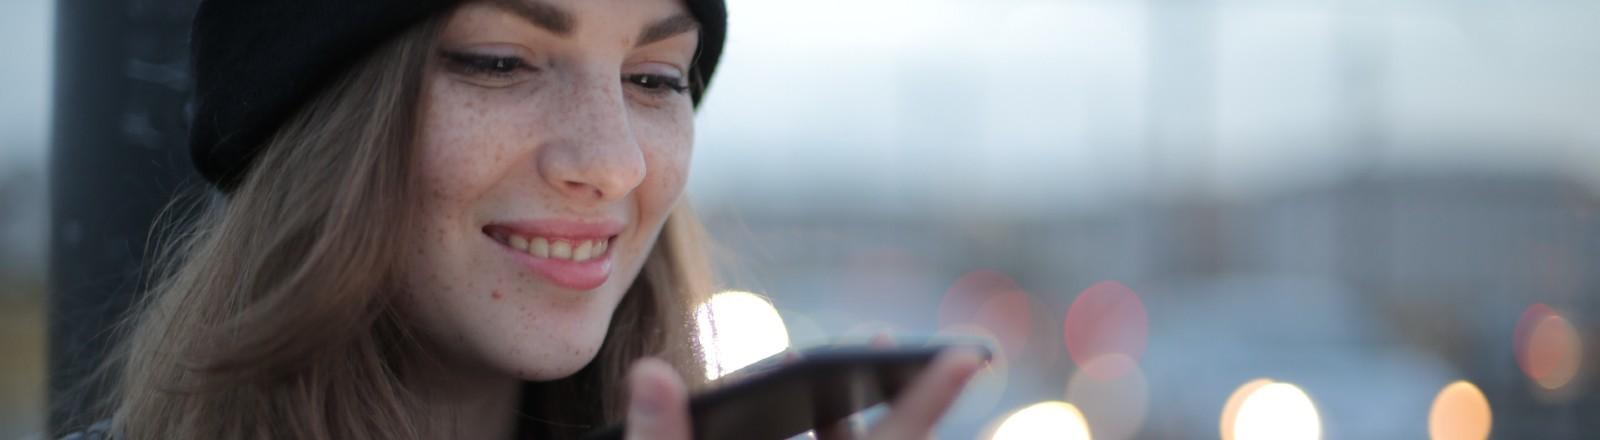 Frau spricht in Smartphone